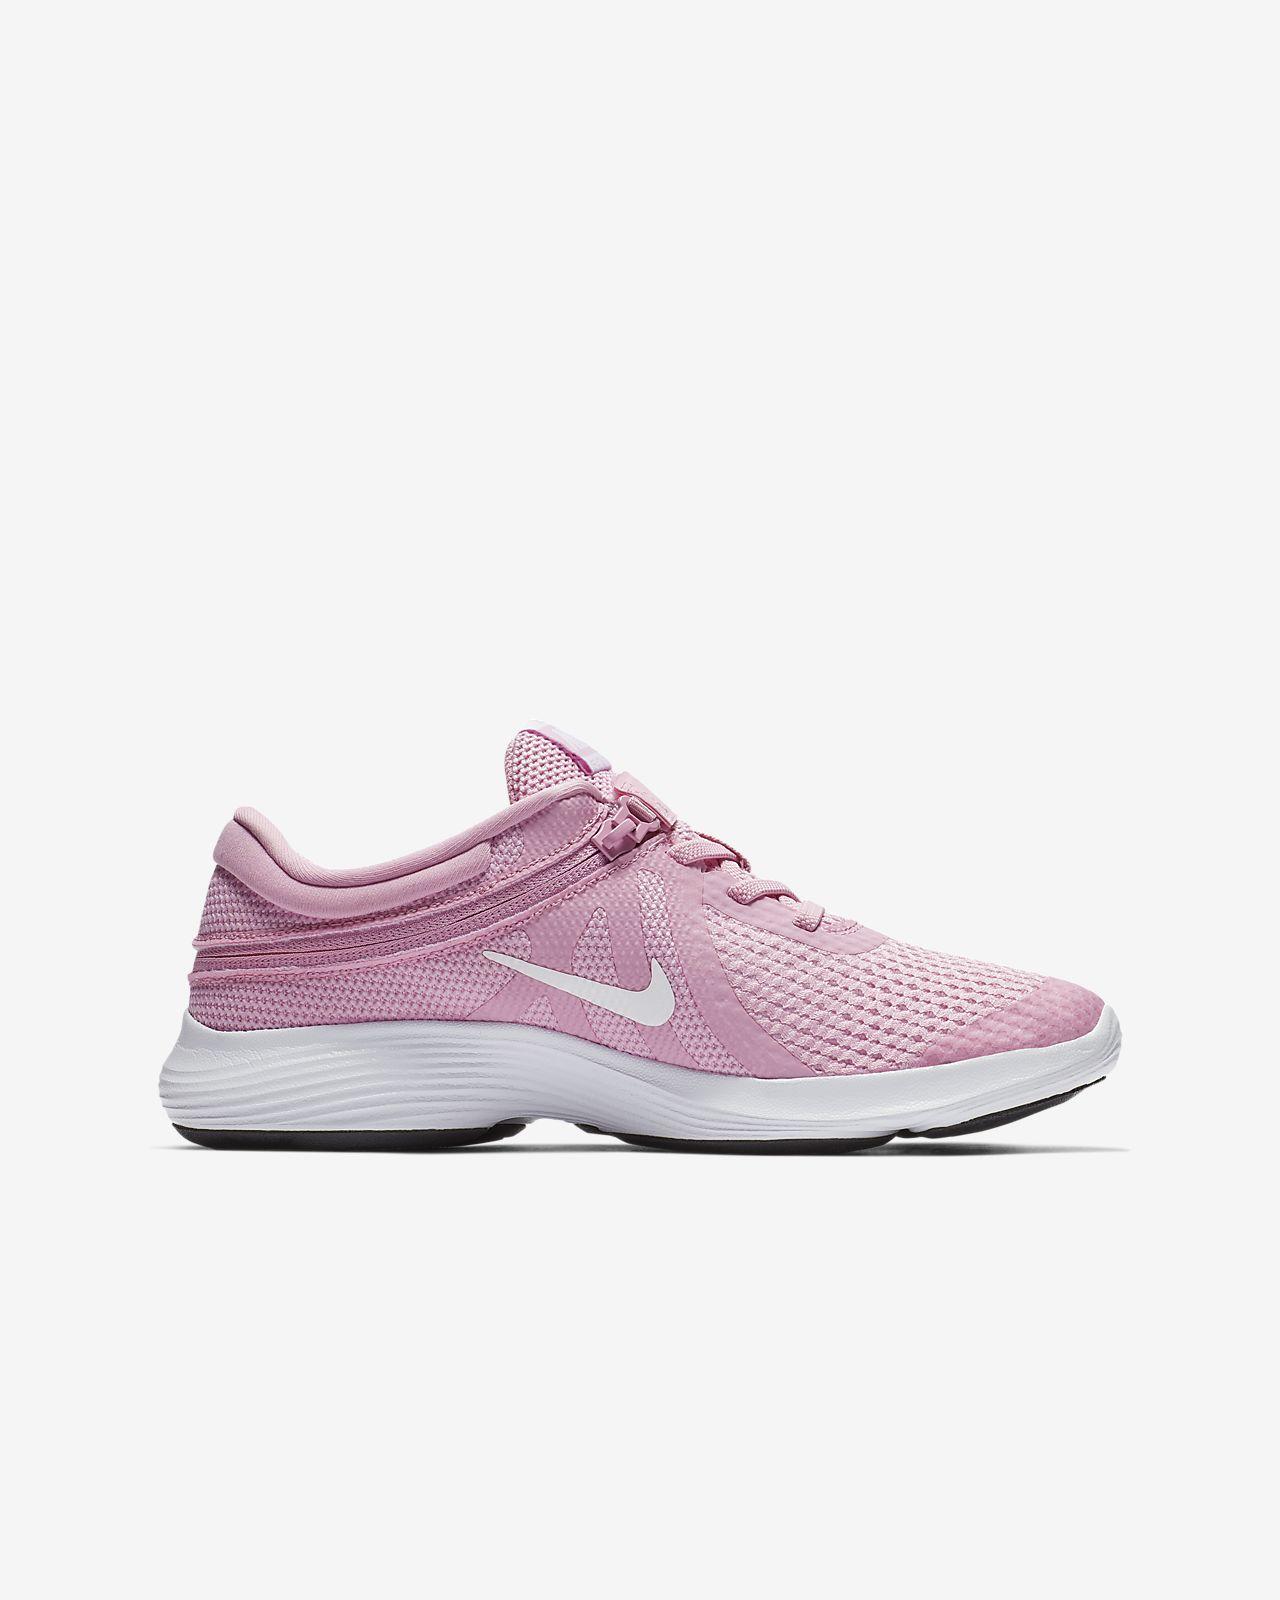 3218e67e4989 Nike Revolution 4 FlyEase Older Kids  Running Shoe. Nike.com GB